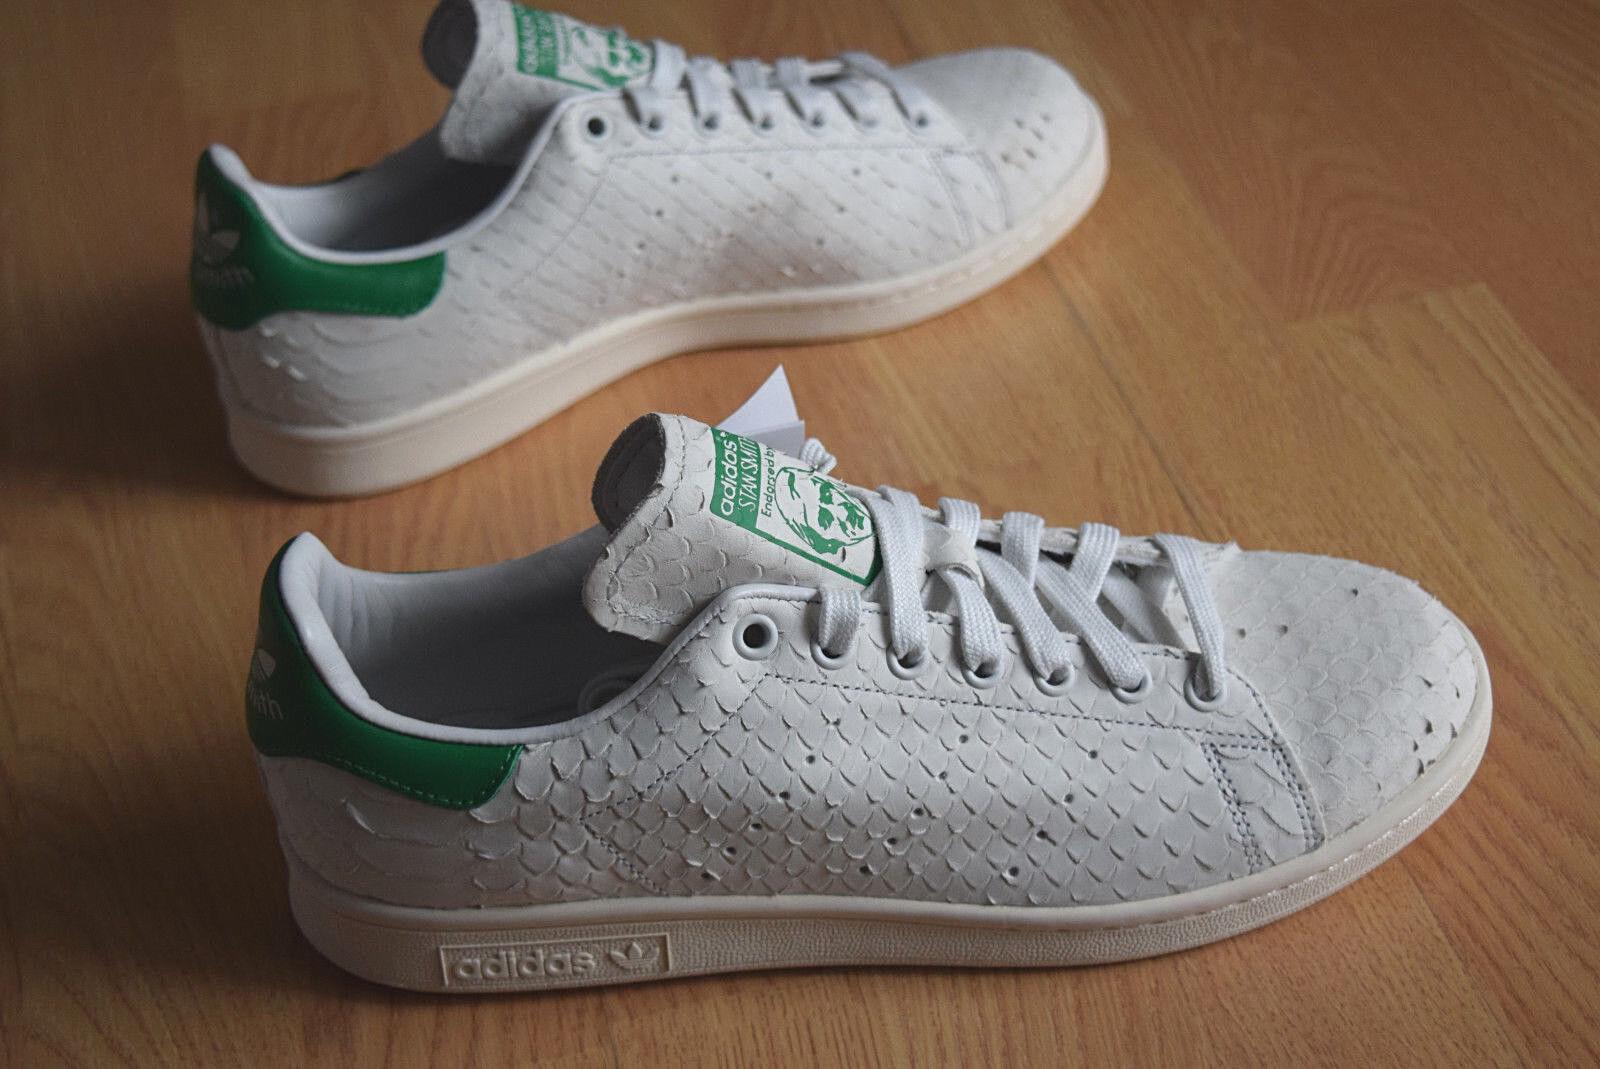 Adidas Gazelle baskets Chaussures Chaussures baskets rétro Sport Loisir de baskets 594ffc